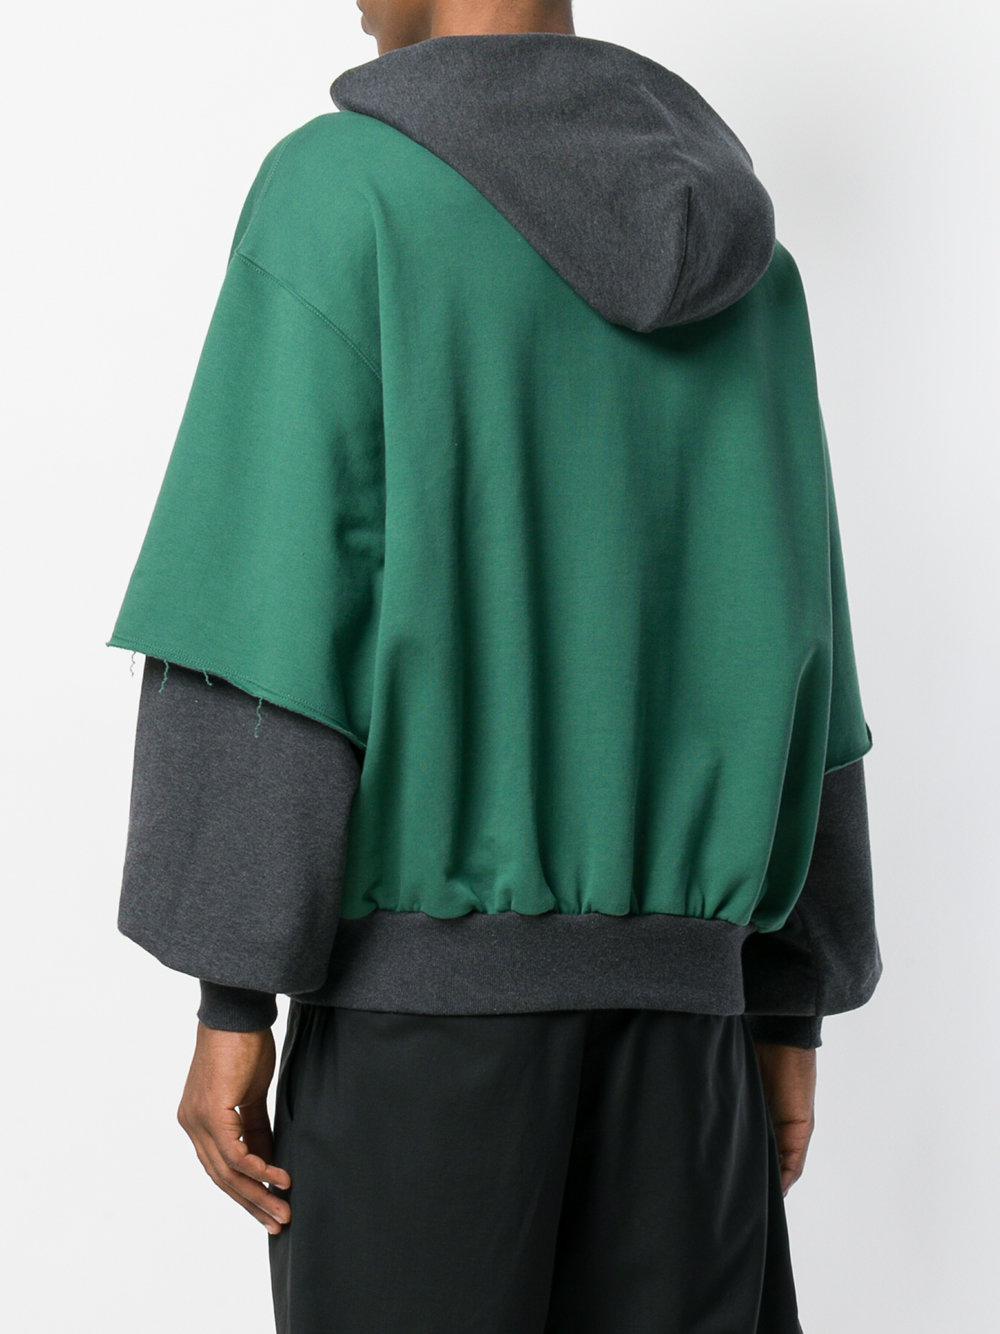 Gosha Rubchinskiy Cotton Combo Hooded Sweatshirt in Green